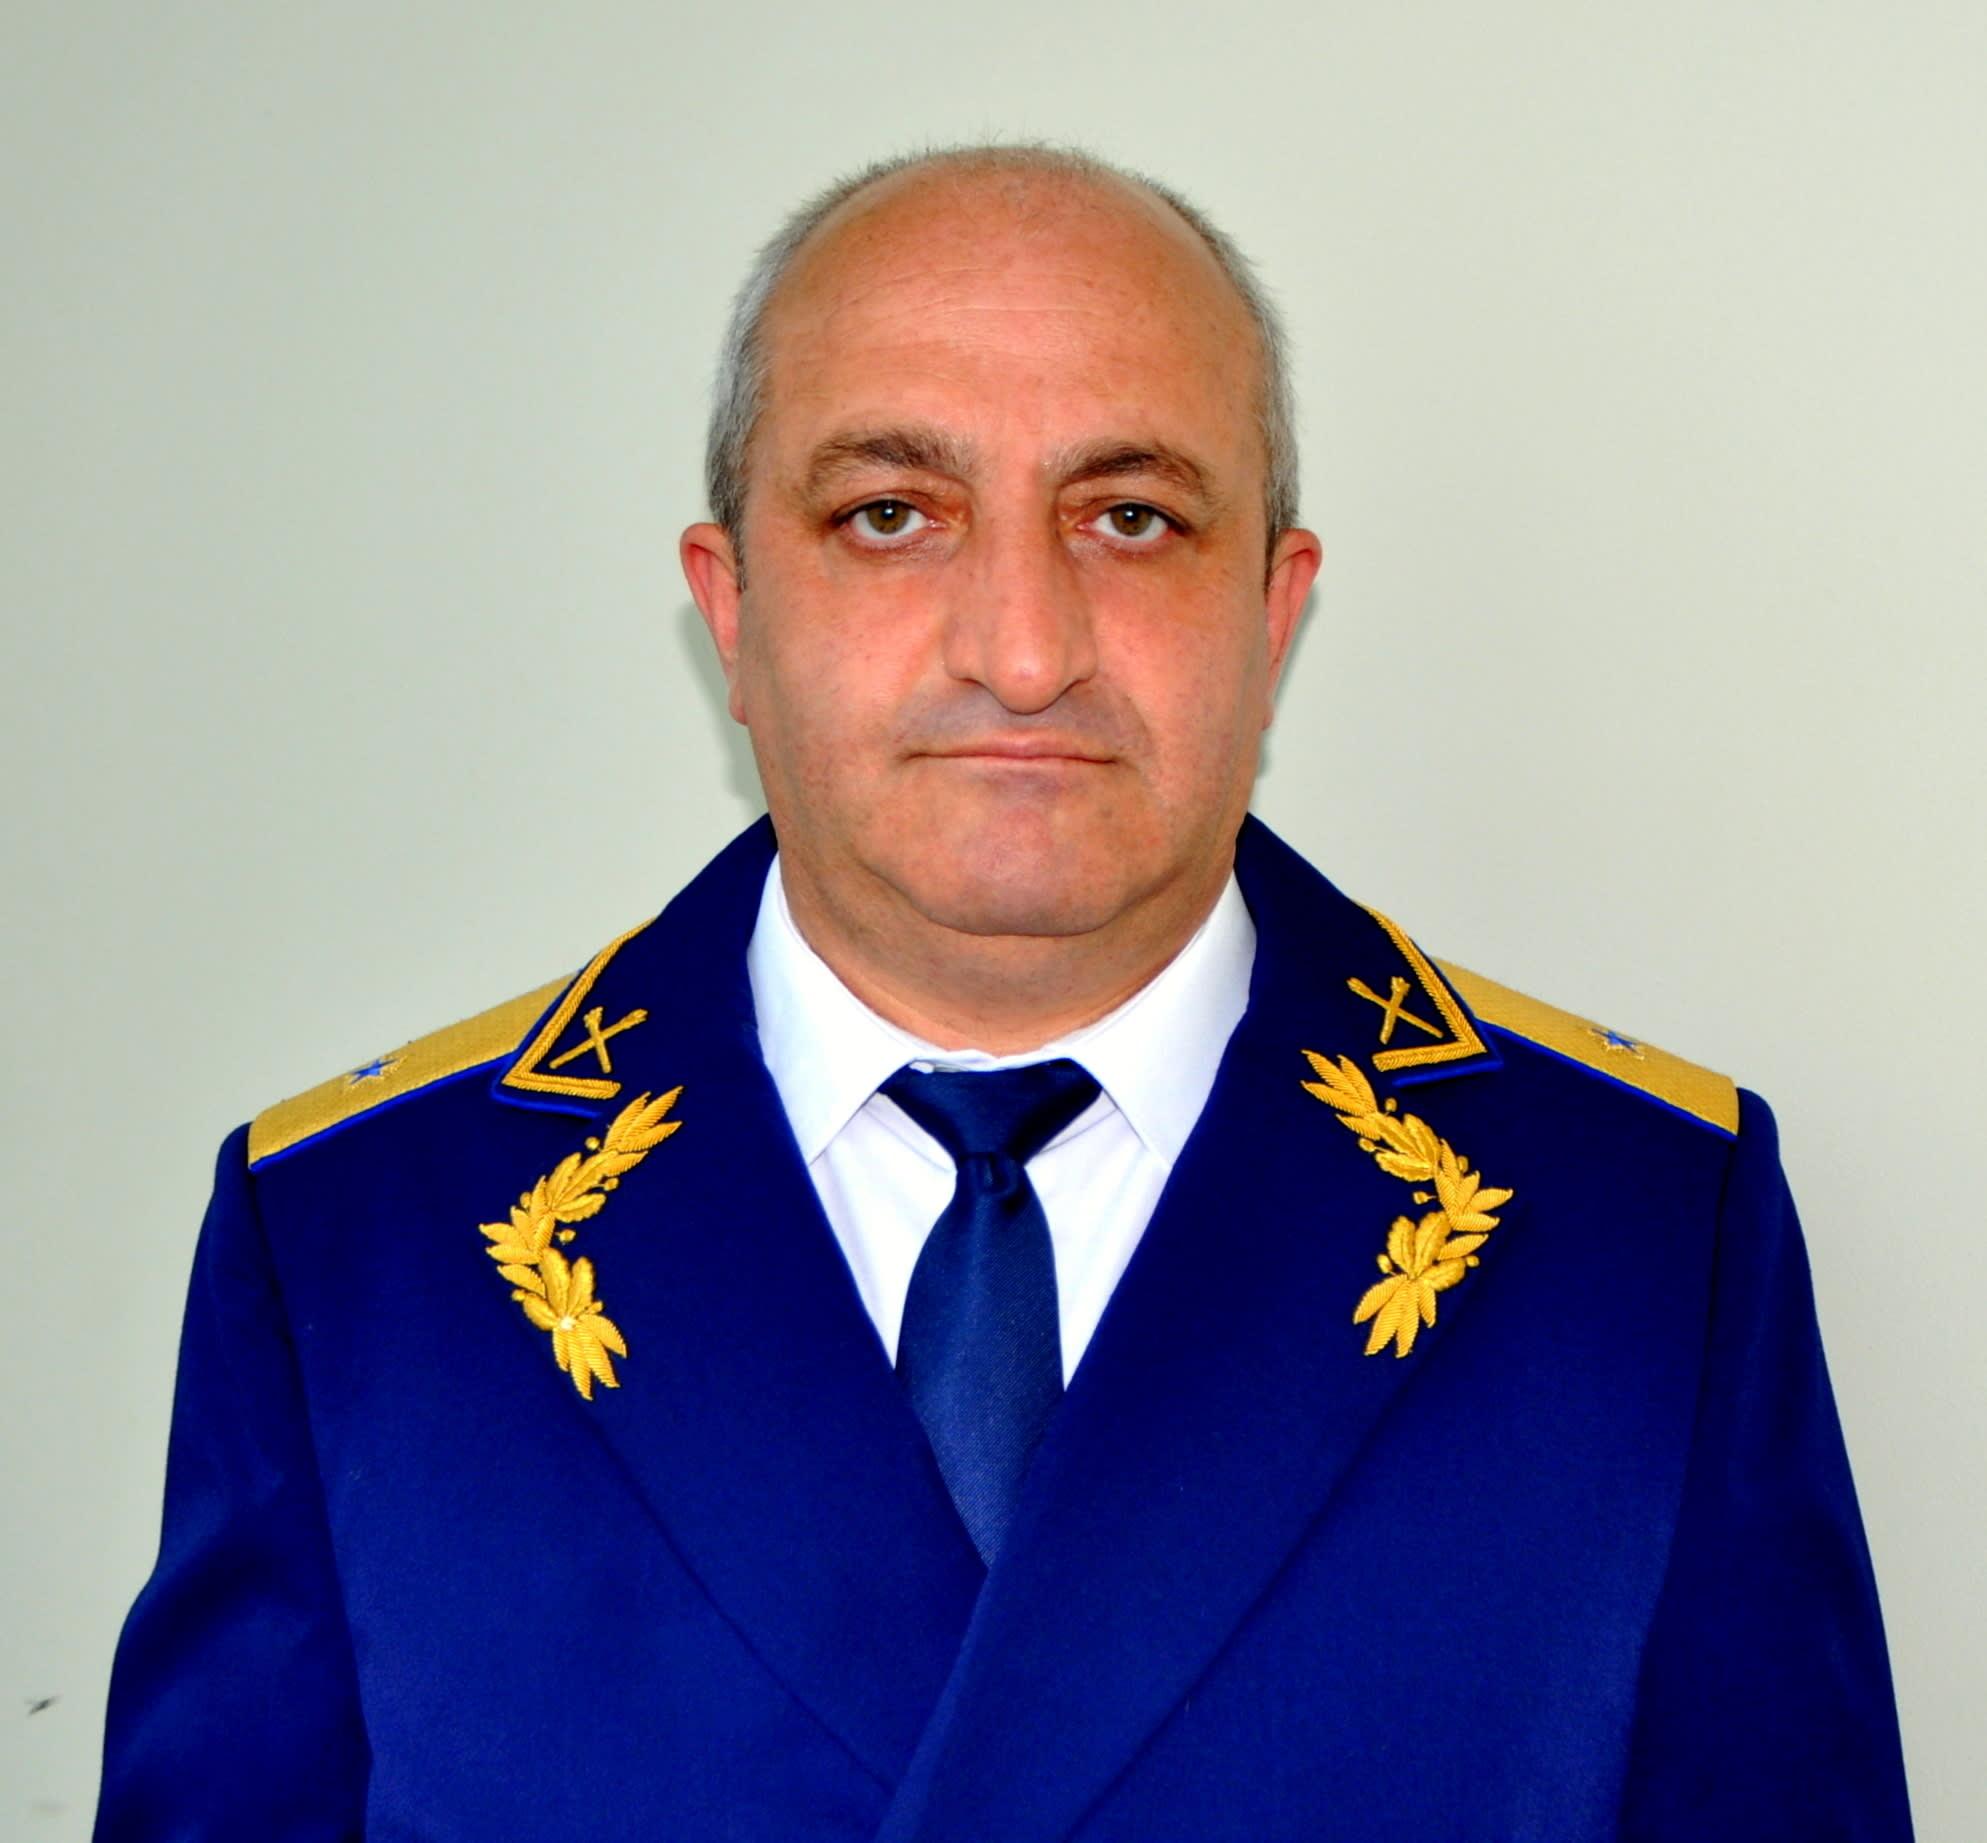 Нерадивые чиновники в МАДИ. Пырсин Илья Анатольевич.